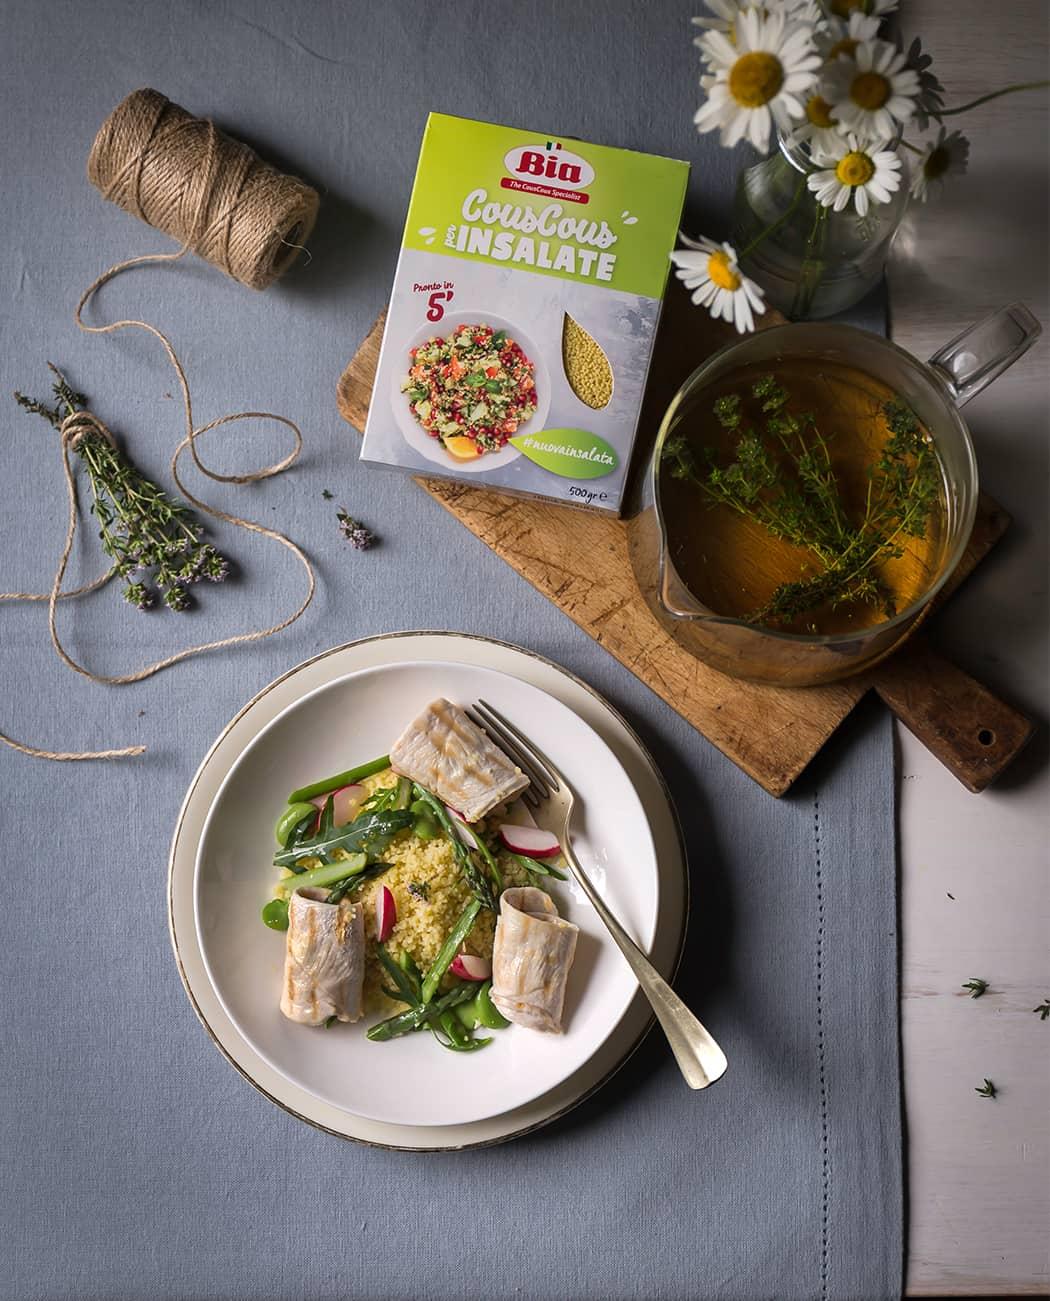 ricette Bia cous cous per insalate con verdure di stagione